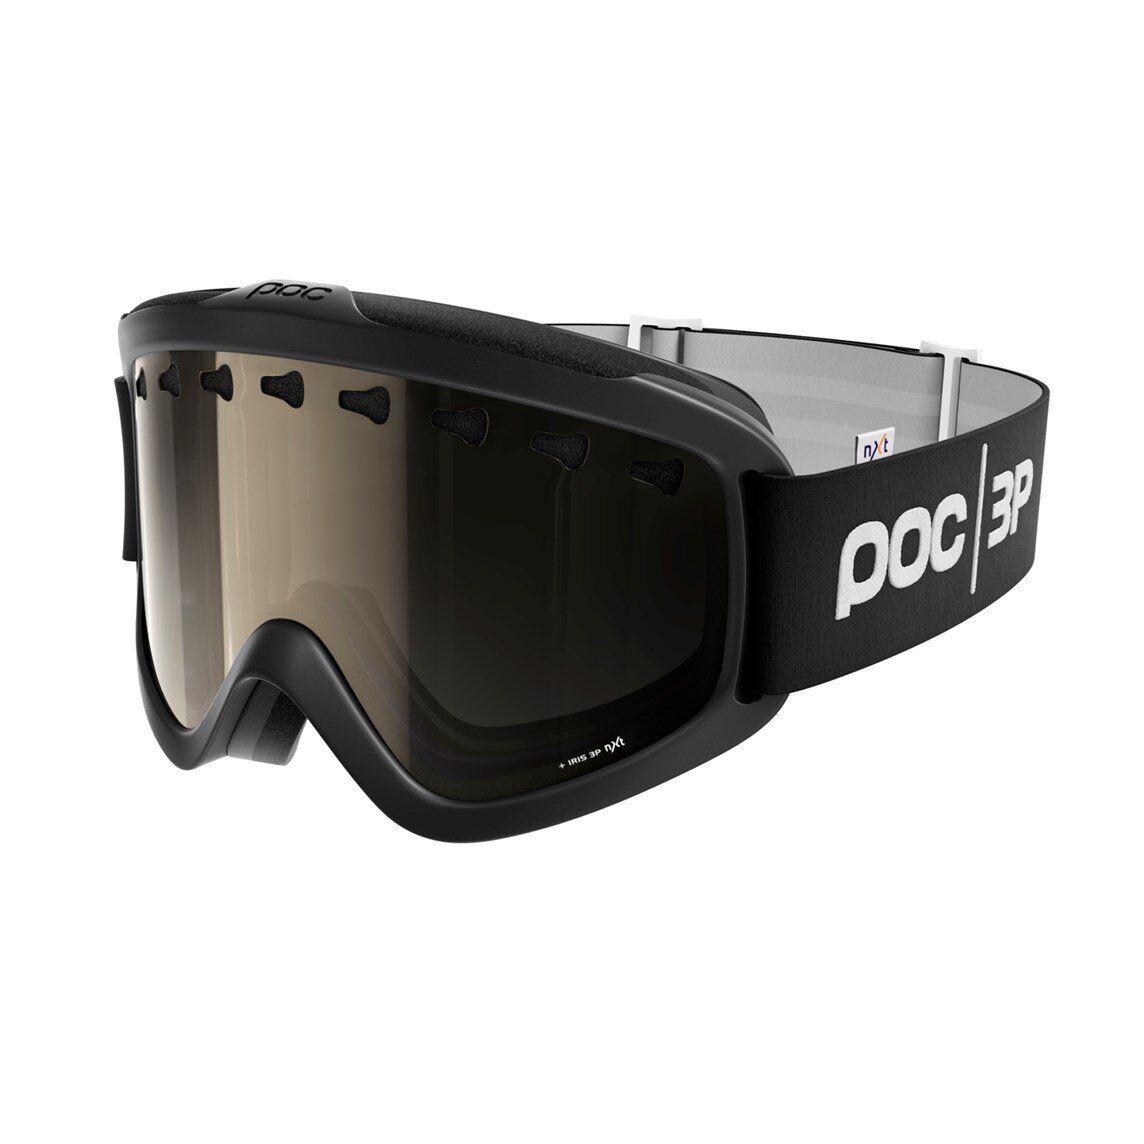 POC Iris 3p snowboard   snowboard gafas - lente de Color NXT